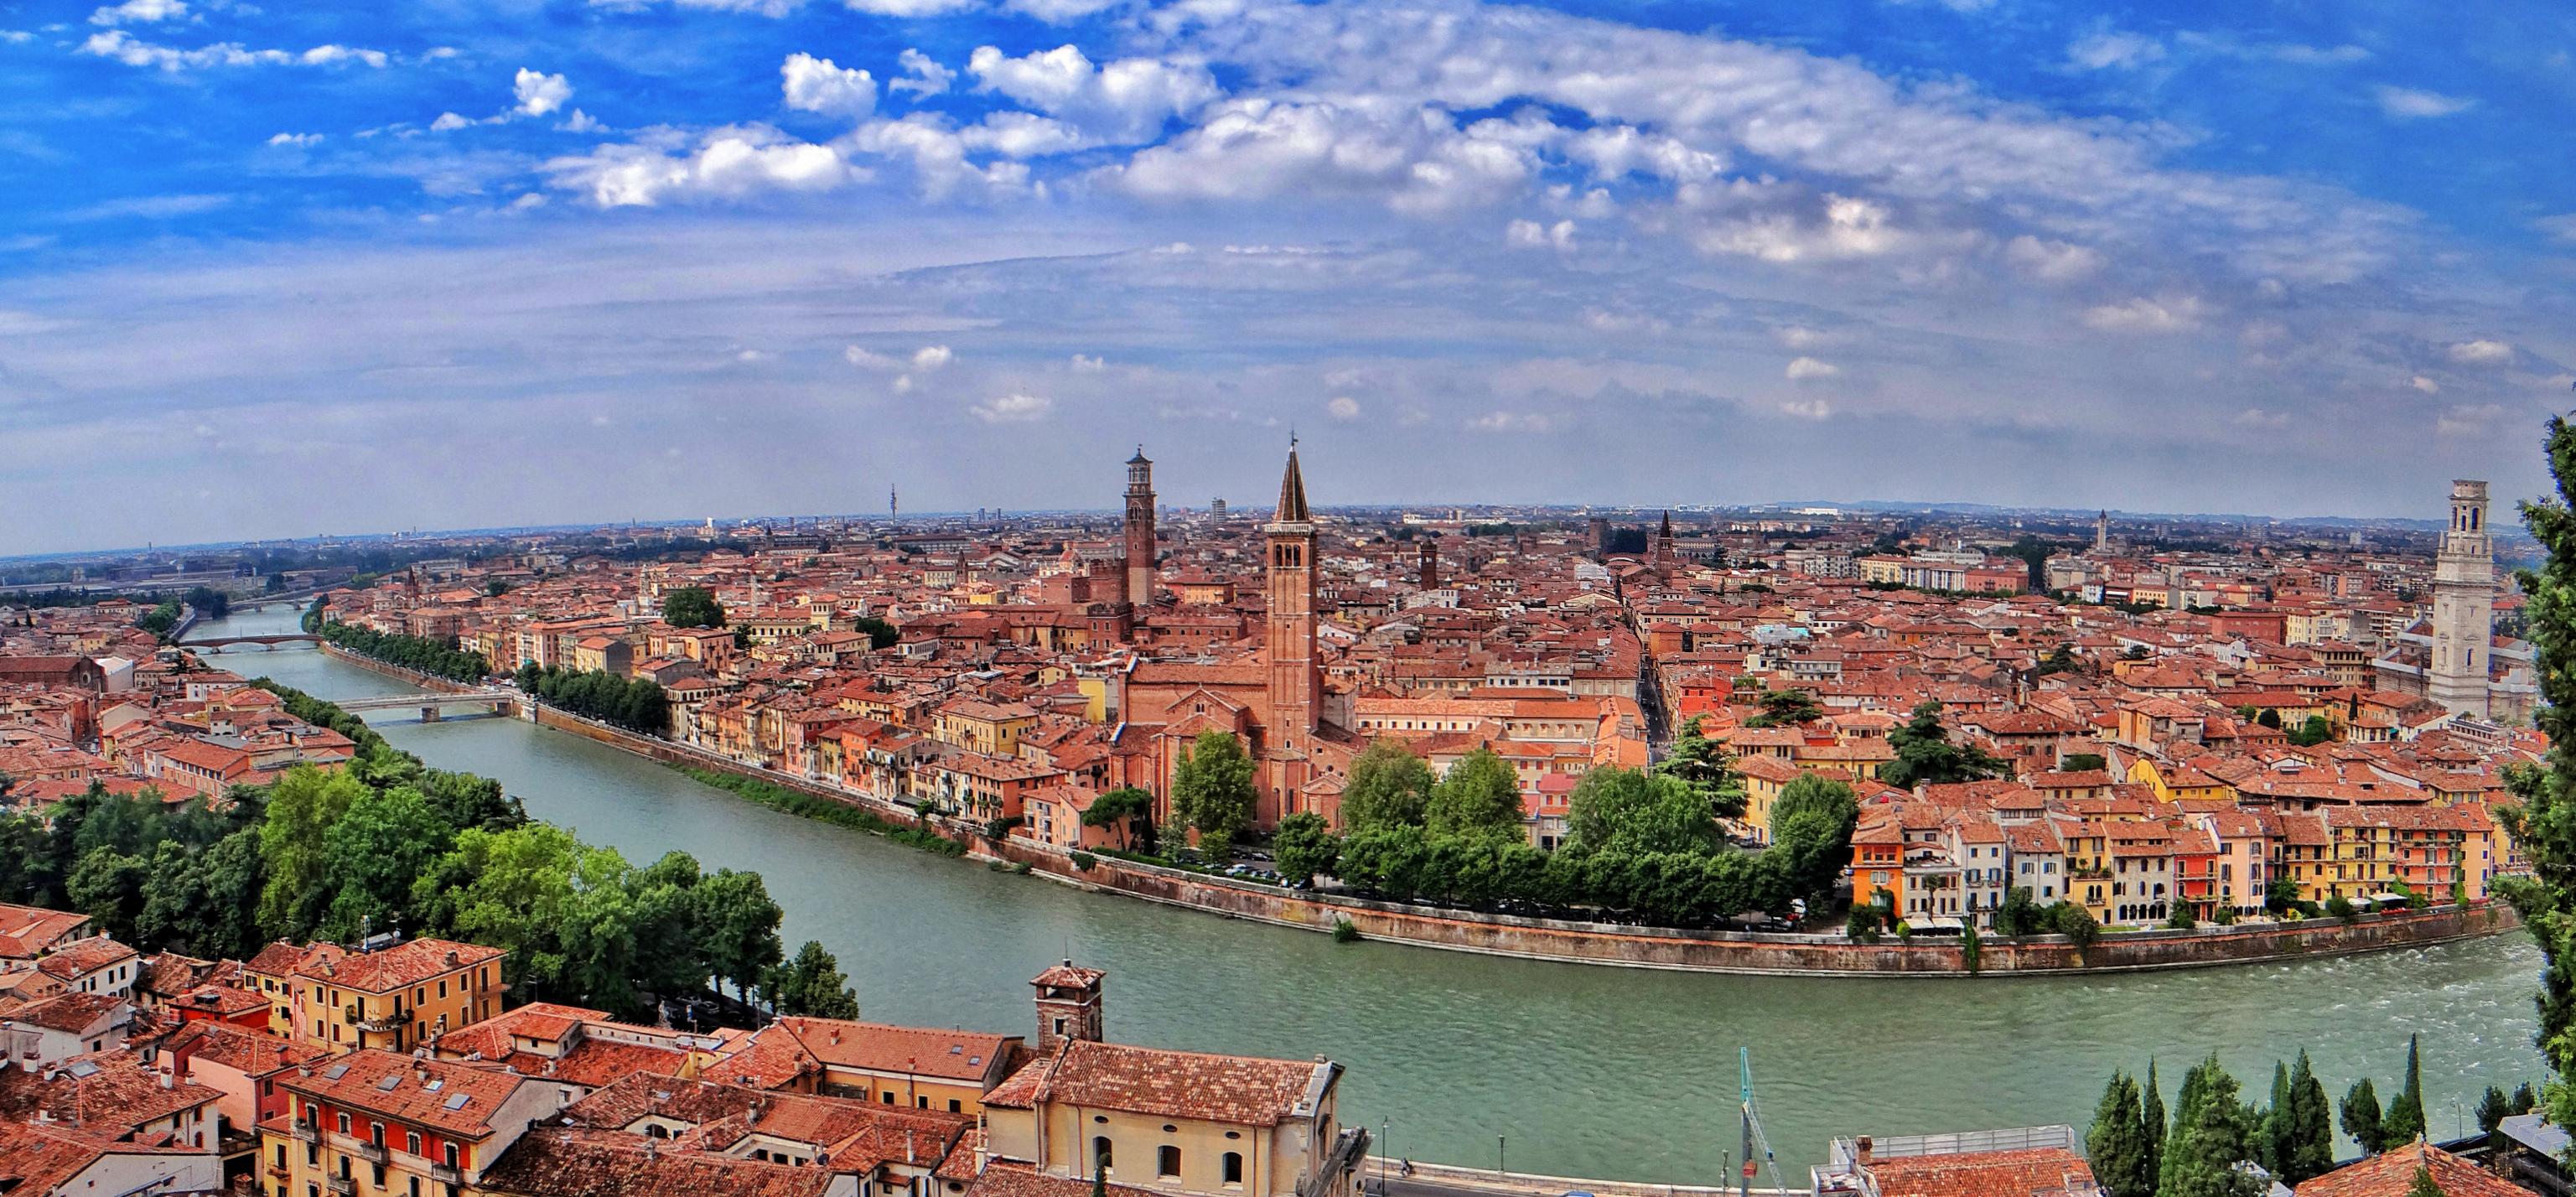 Verona Hakkında Bilinmesi Gerekenler